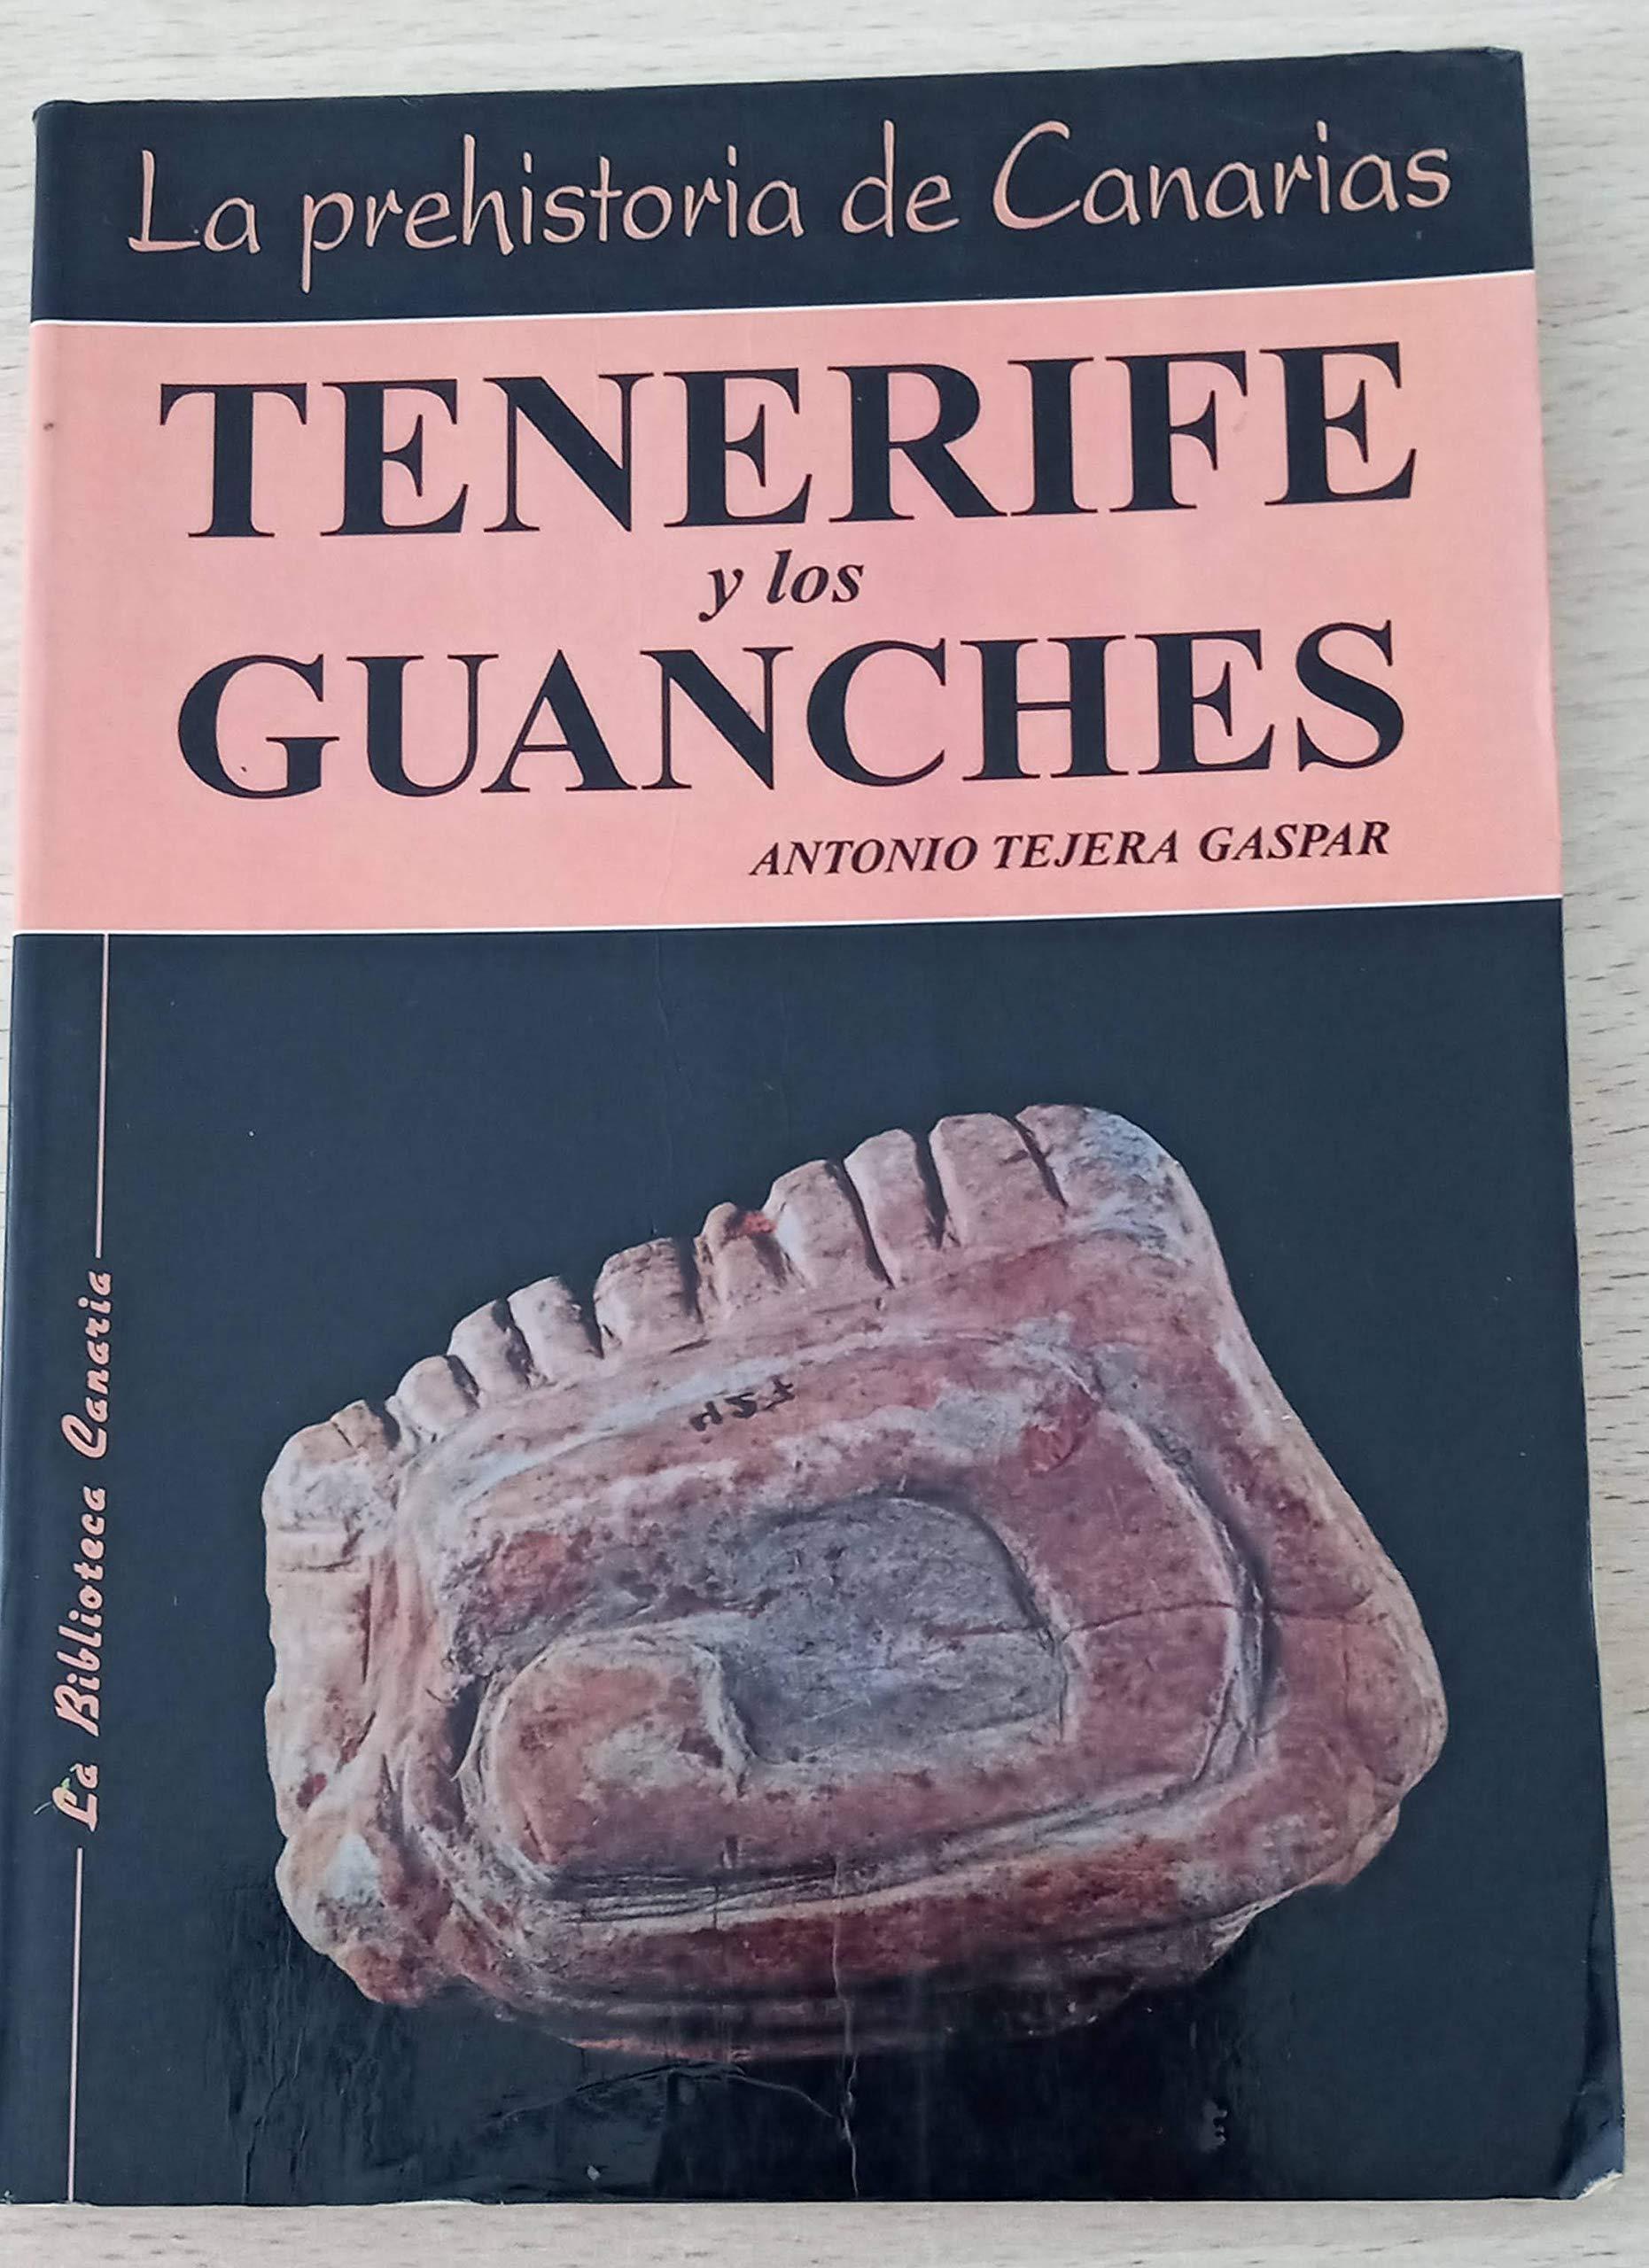 Prehistoria de Canarias, la : tenerife y los guanches: Amazon.es: TEJERA GASPAR, ANTONIO: Libros